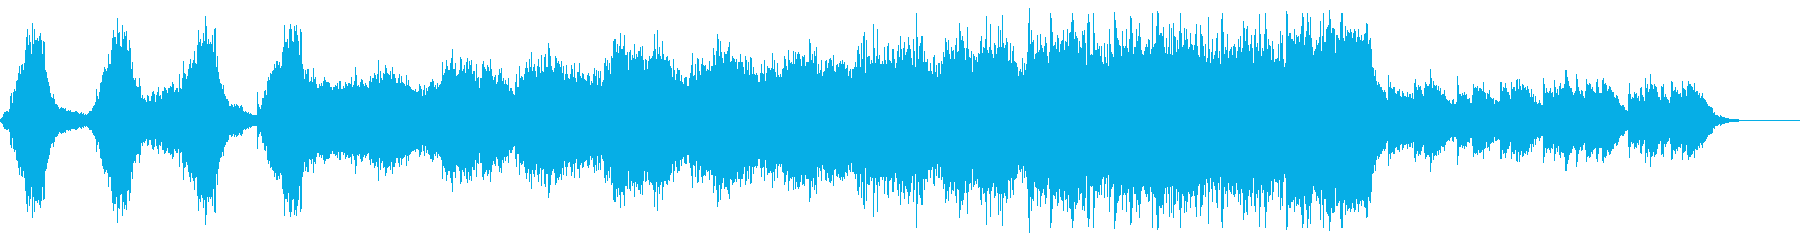 サスペンス映画の緊迫のクライマックス曲の再生済みの波形